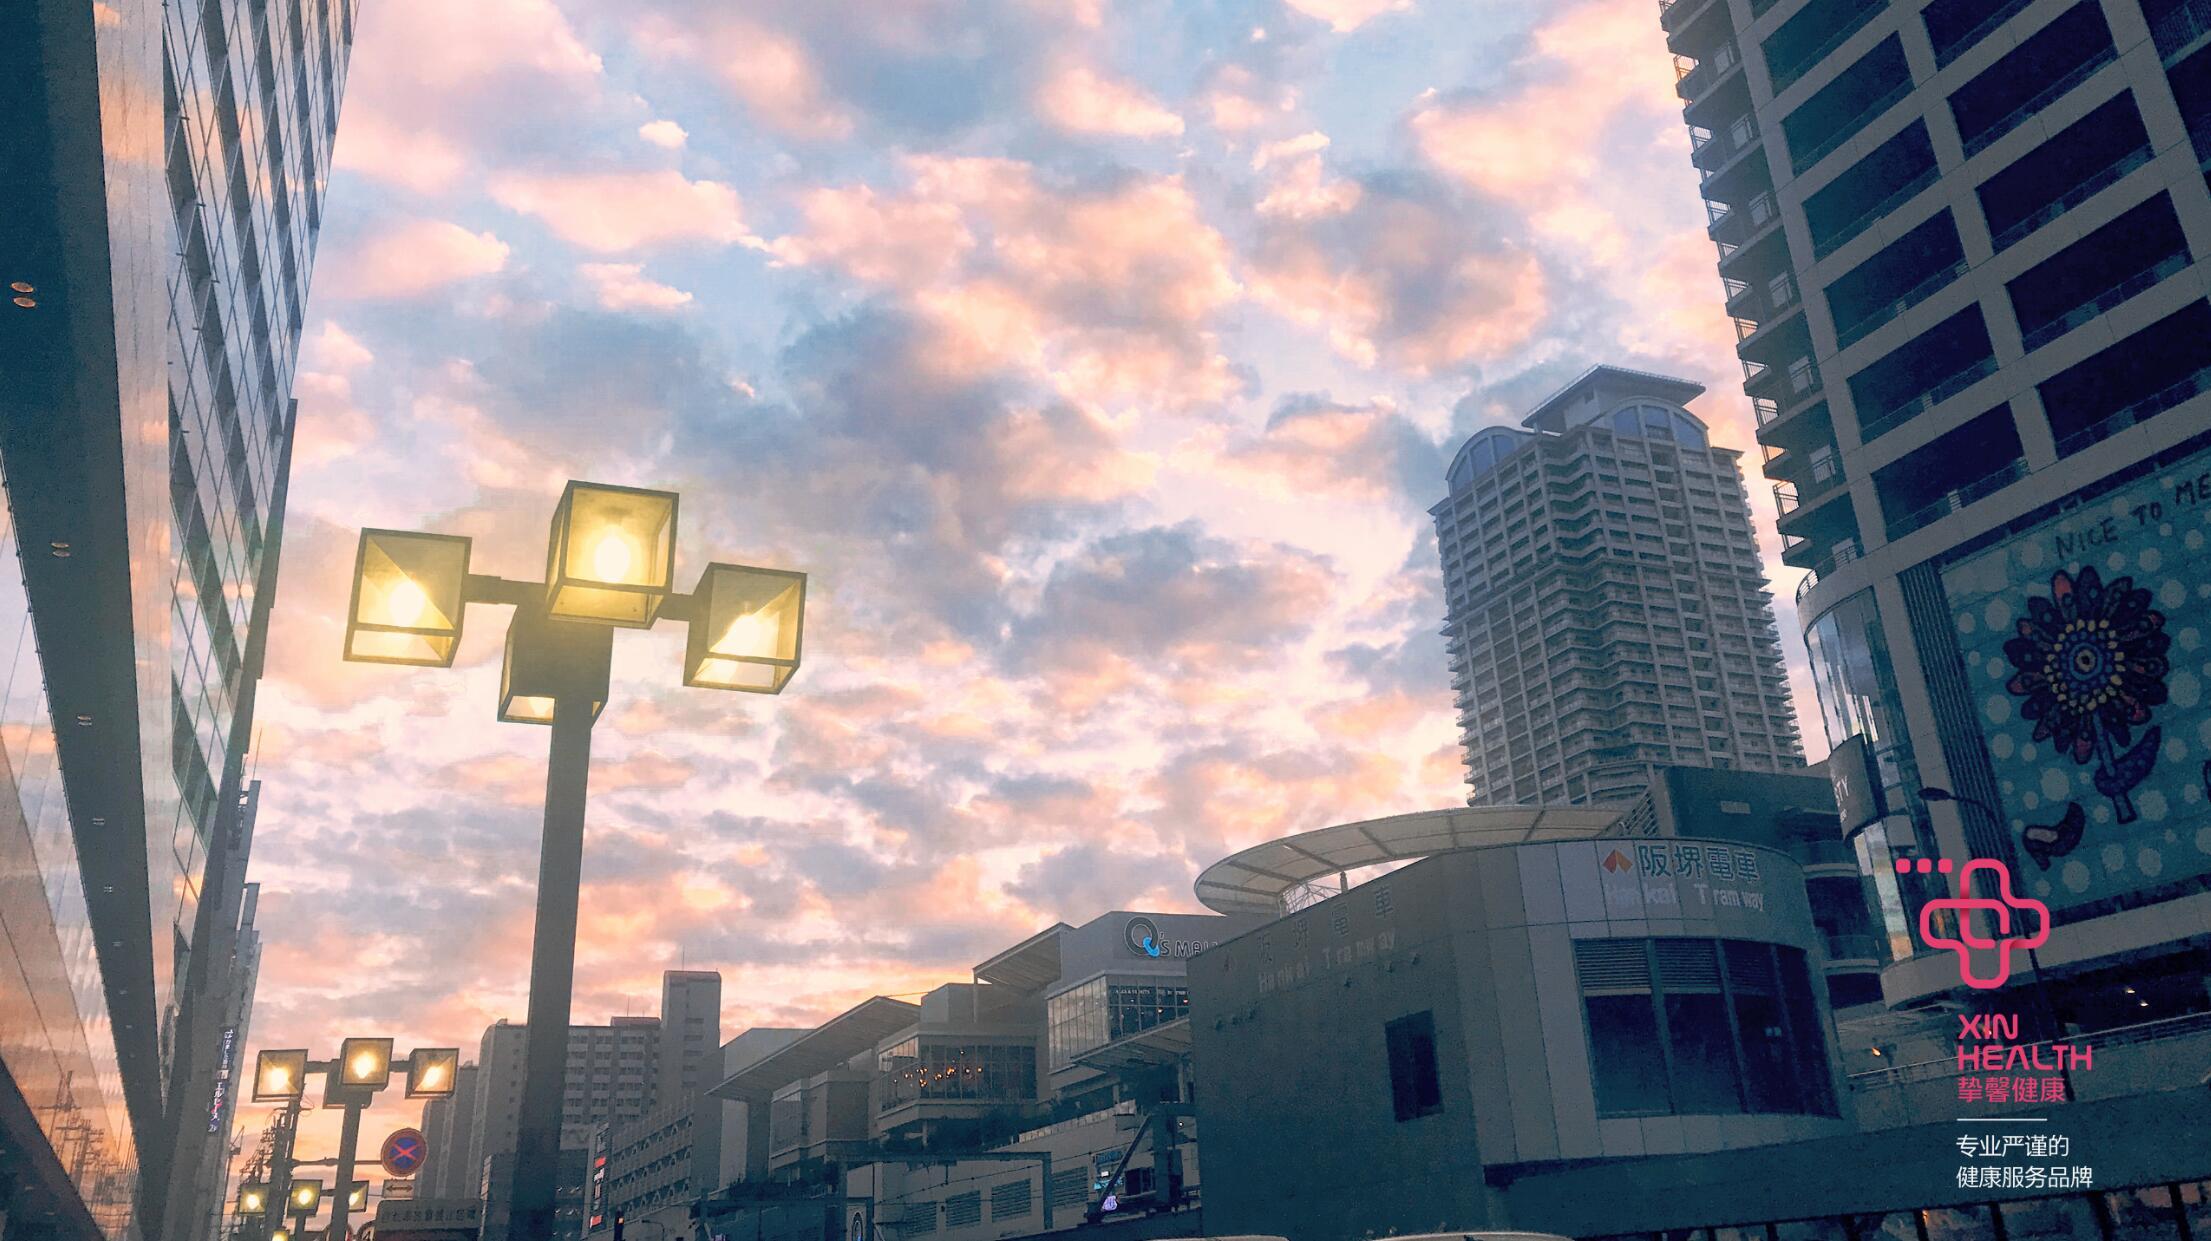 独特优美的日本大阪街景